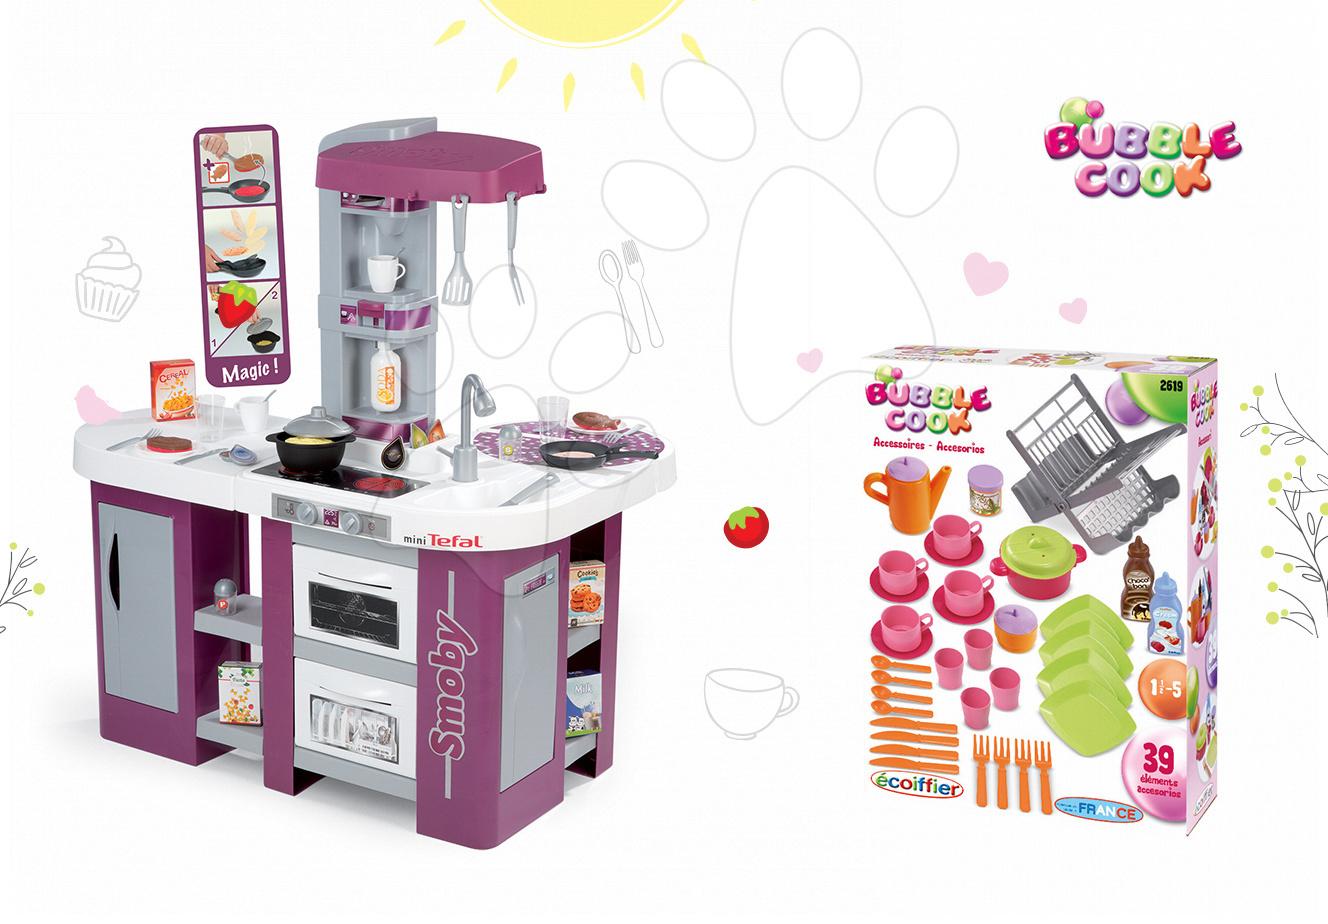 Set kuchyňka Tefal Studio XL Smoby s myčkou, lednicí, sušička na nádobí Bubble Cook